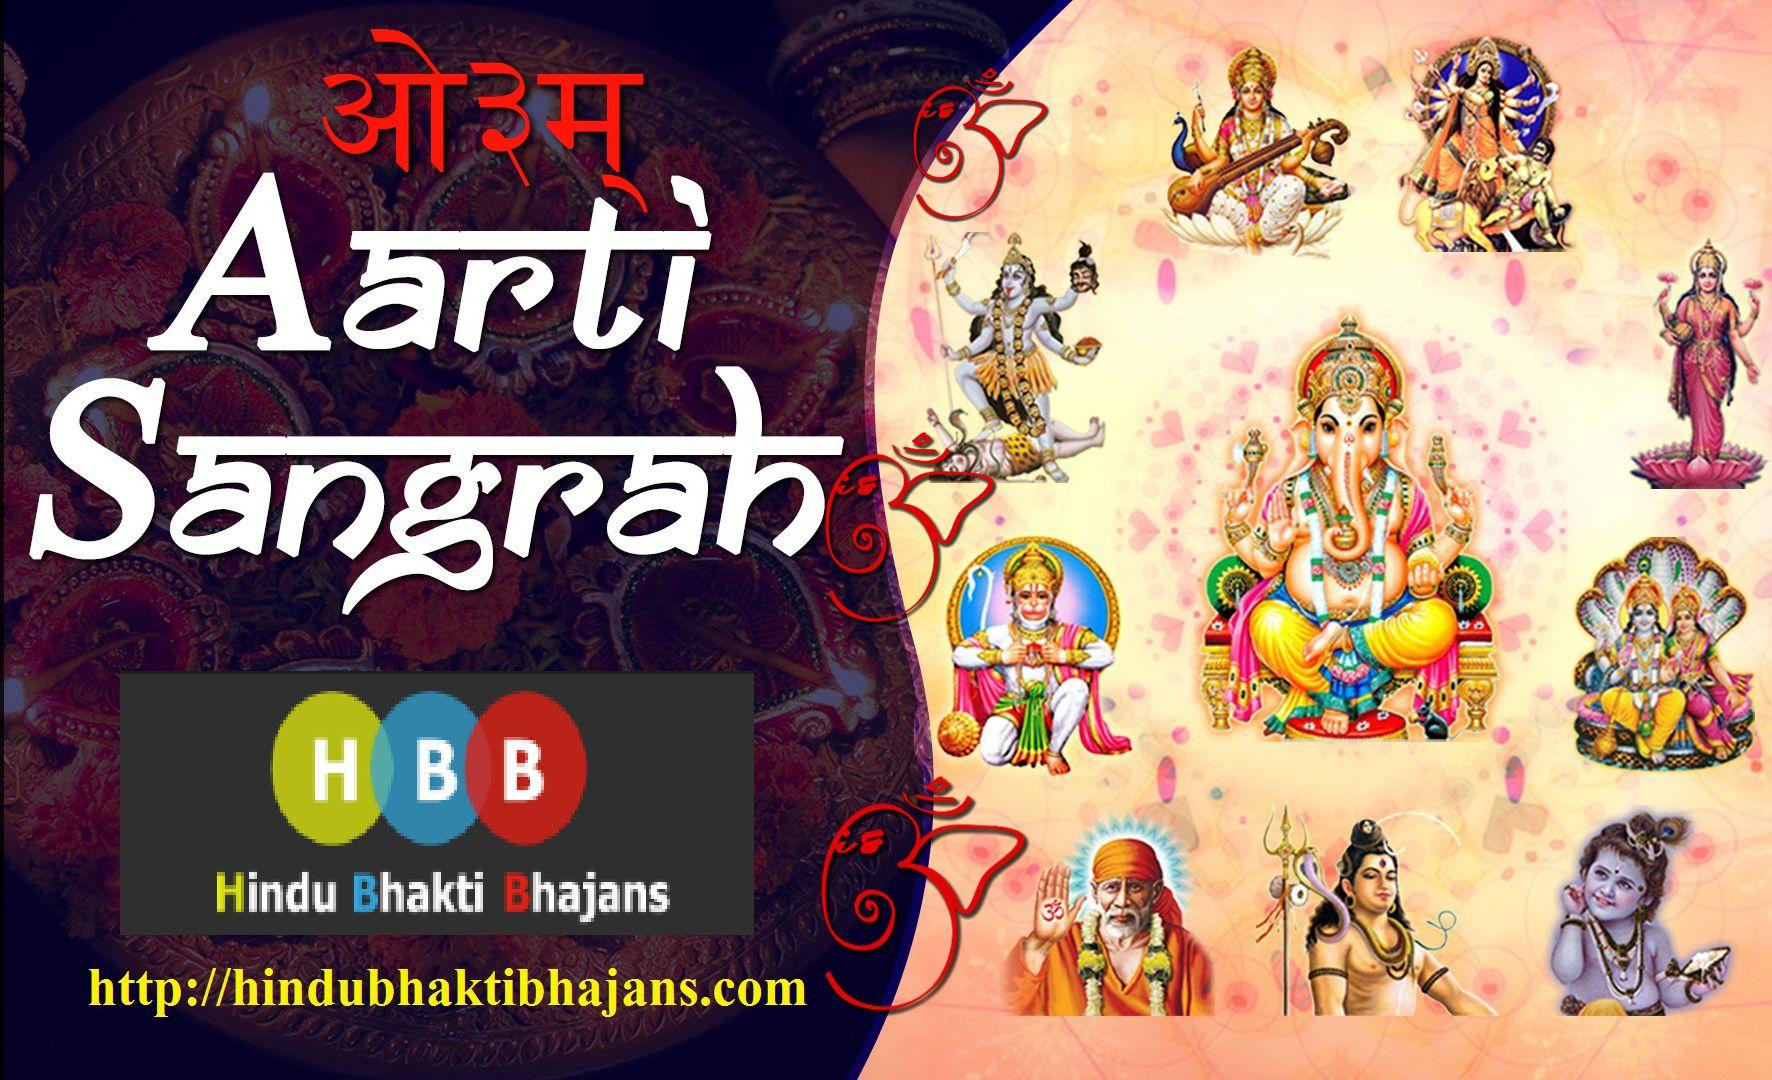 Download morning hindu bhakti bhajans and Songs MP3